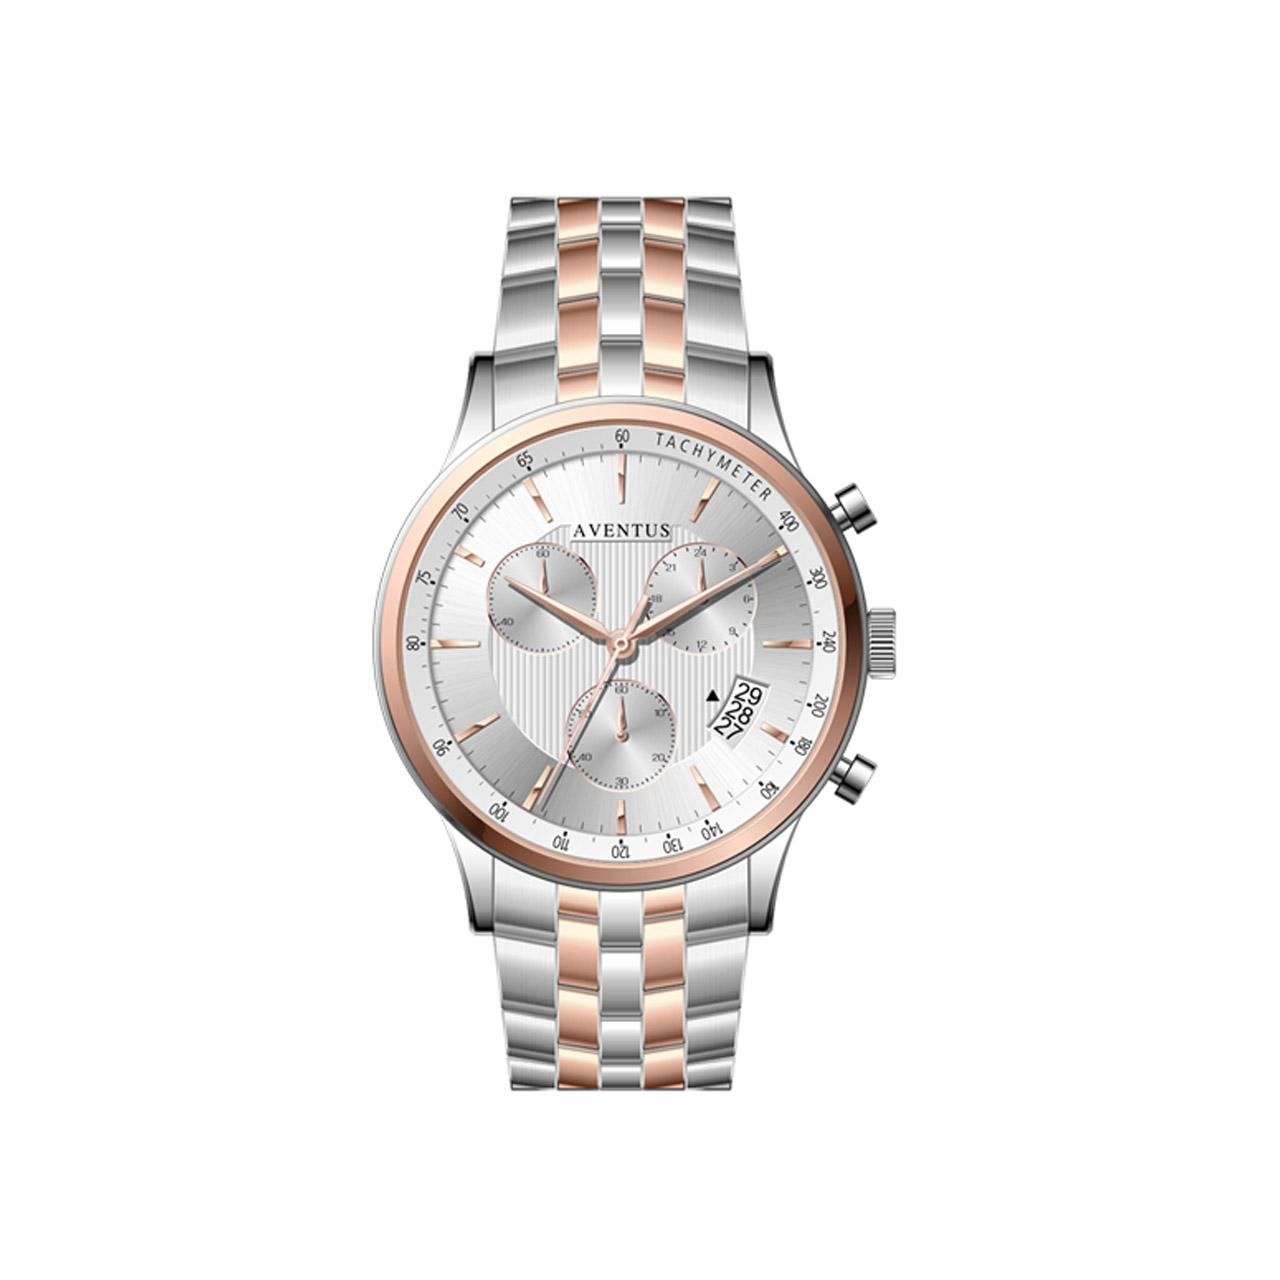 ساعت مچی عقربه ای زنانه اونتوس مدل 1350-6LWH 8